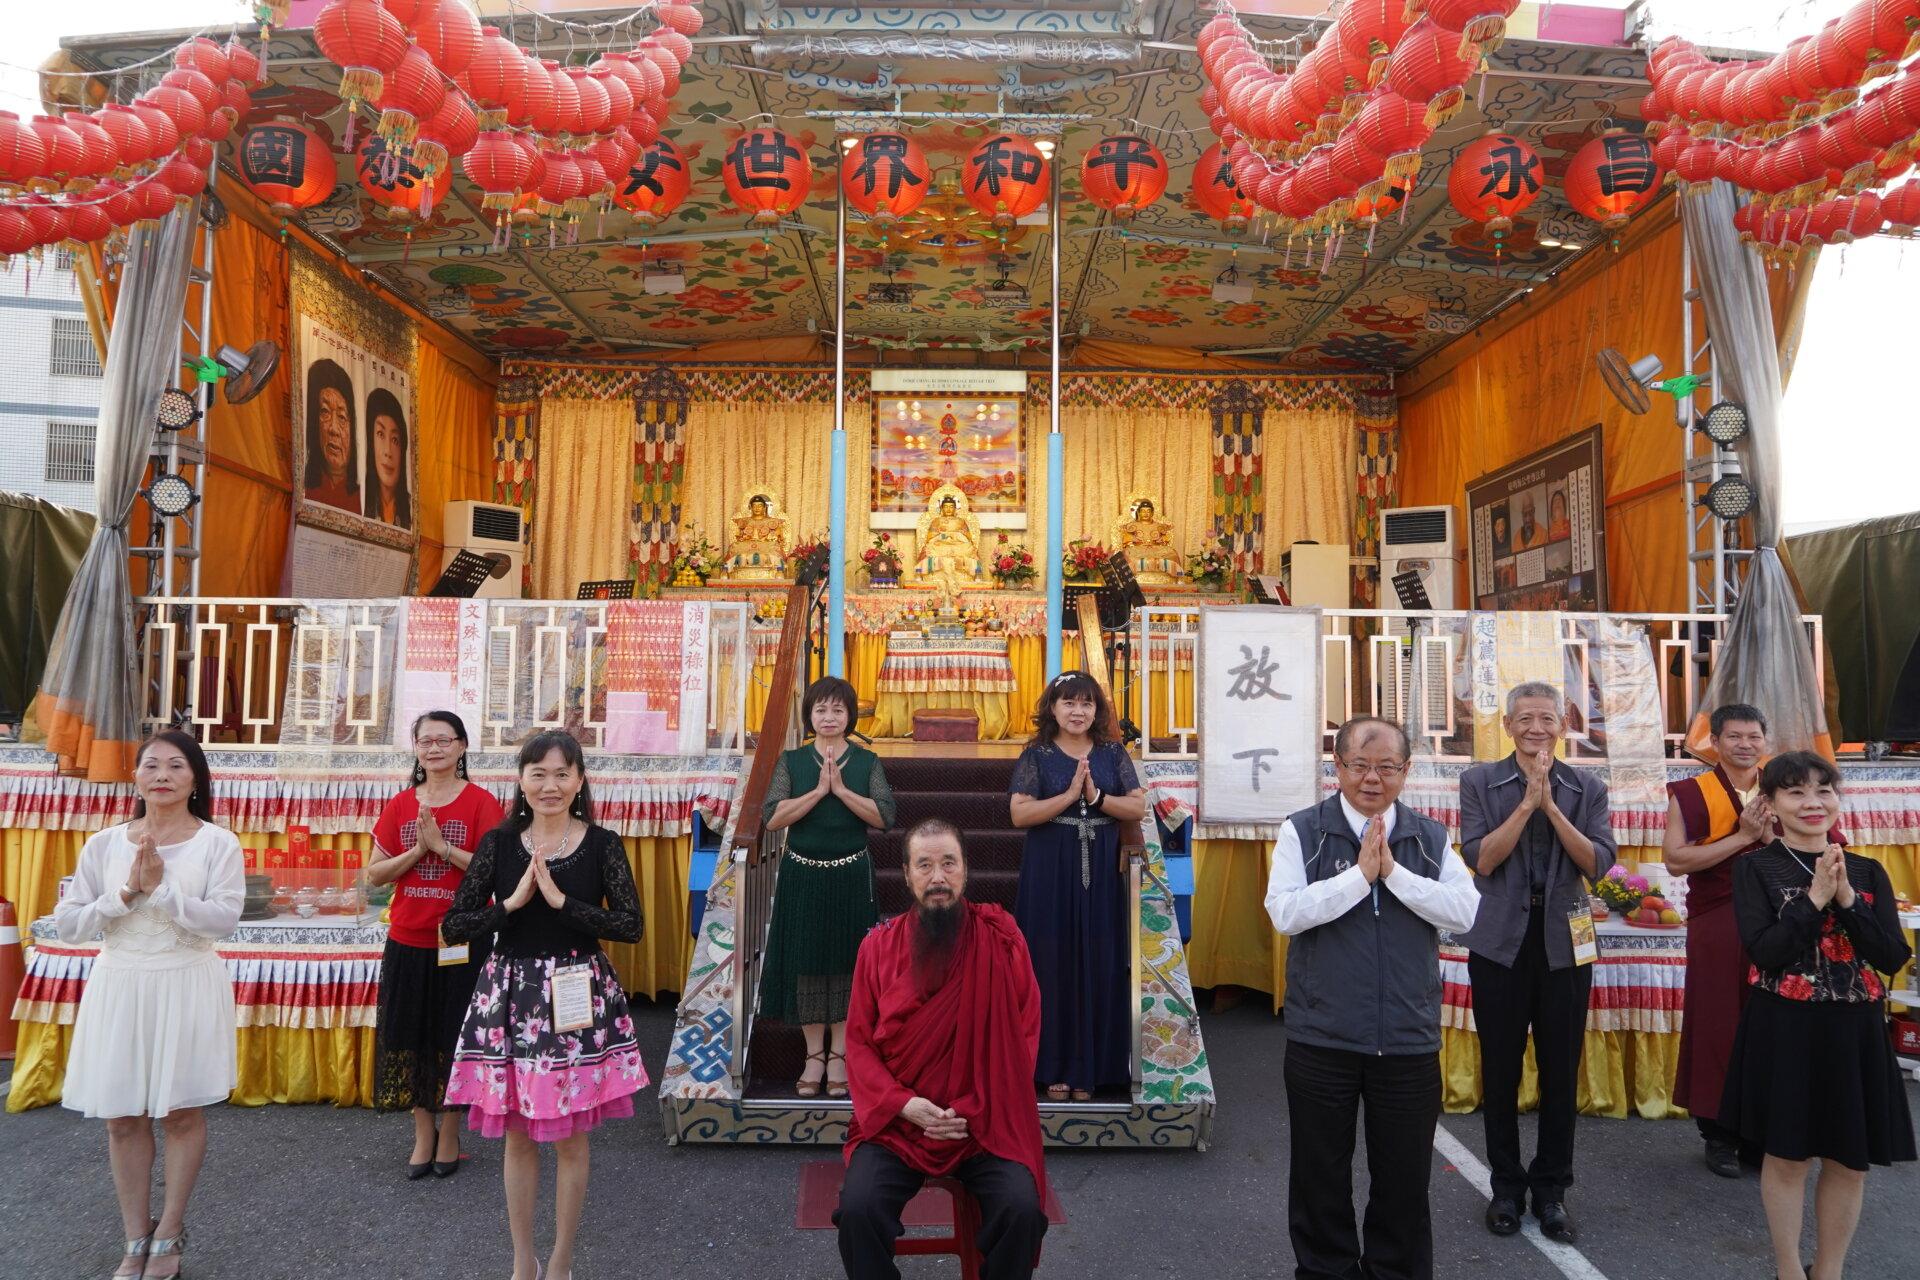 行動佛殿113站臺南鹽水,本會指導上師恆性嘉措仁波且與樂透歌友會合影